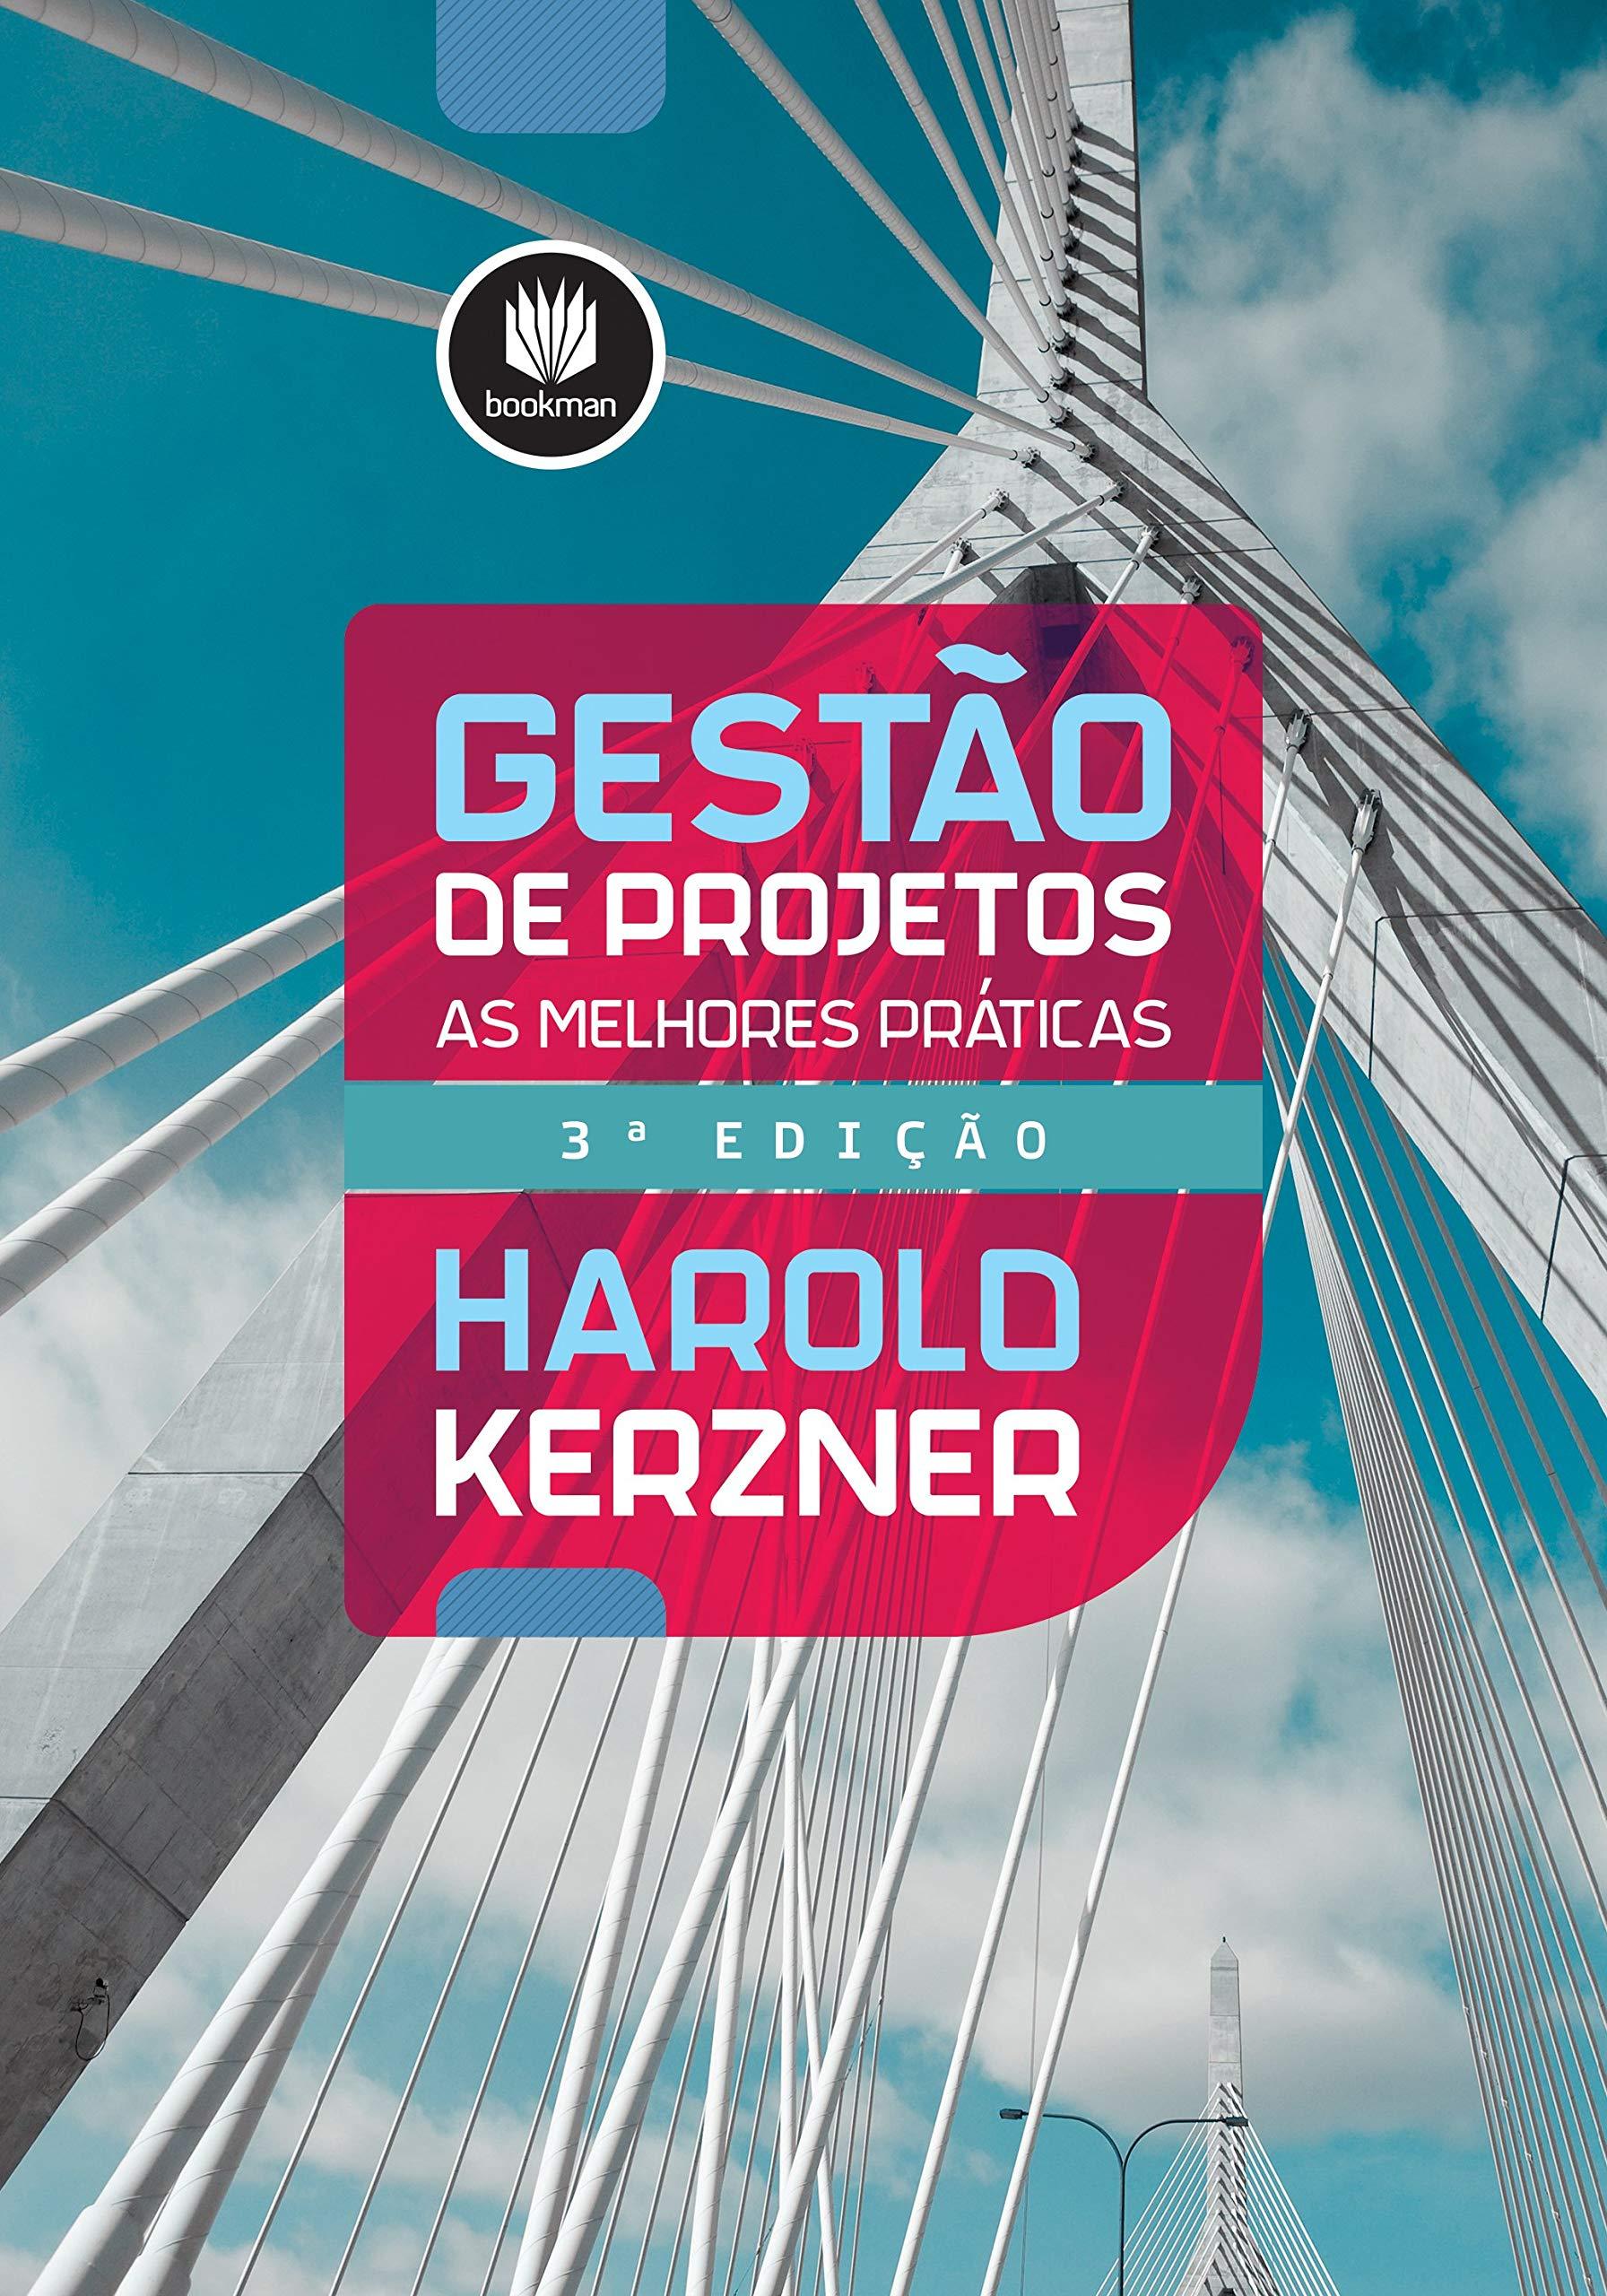 Read Online Gestao de Projetos: As Melhores Praticas pdf